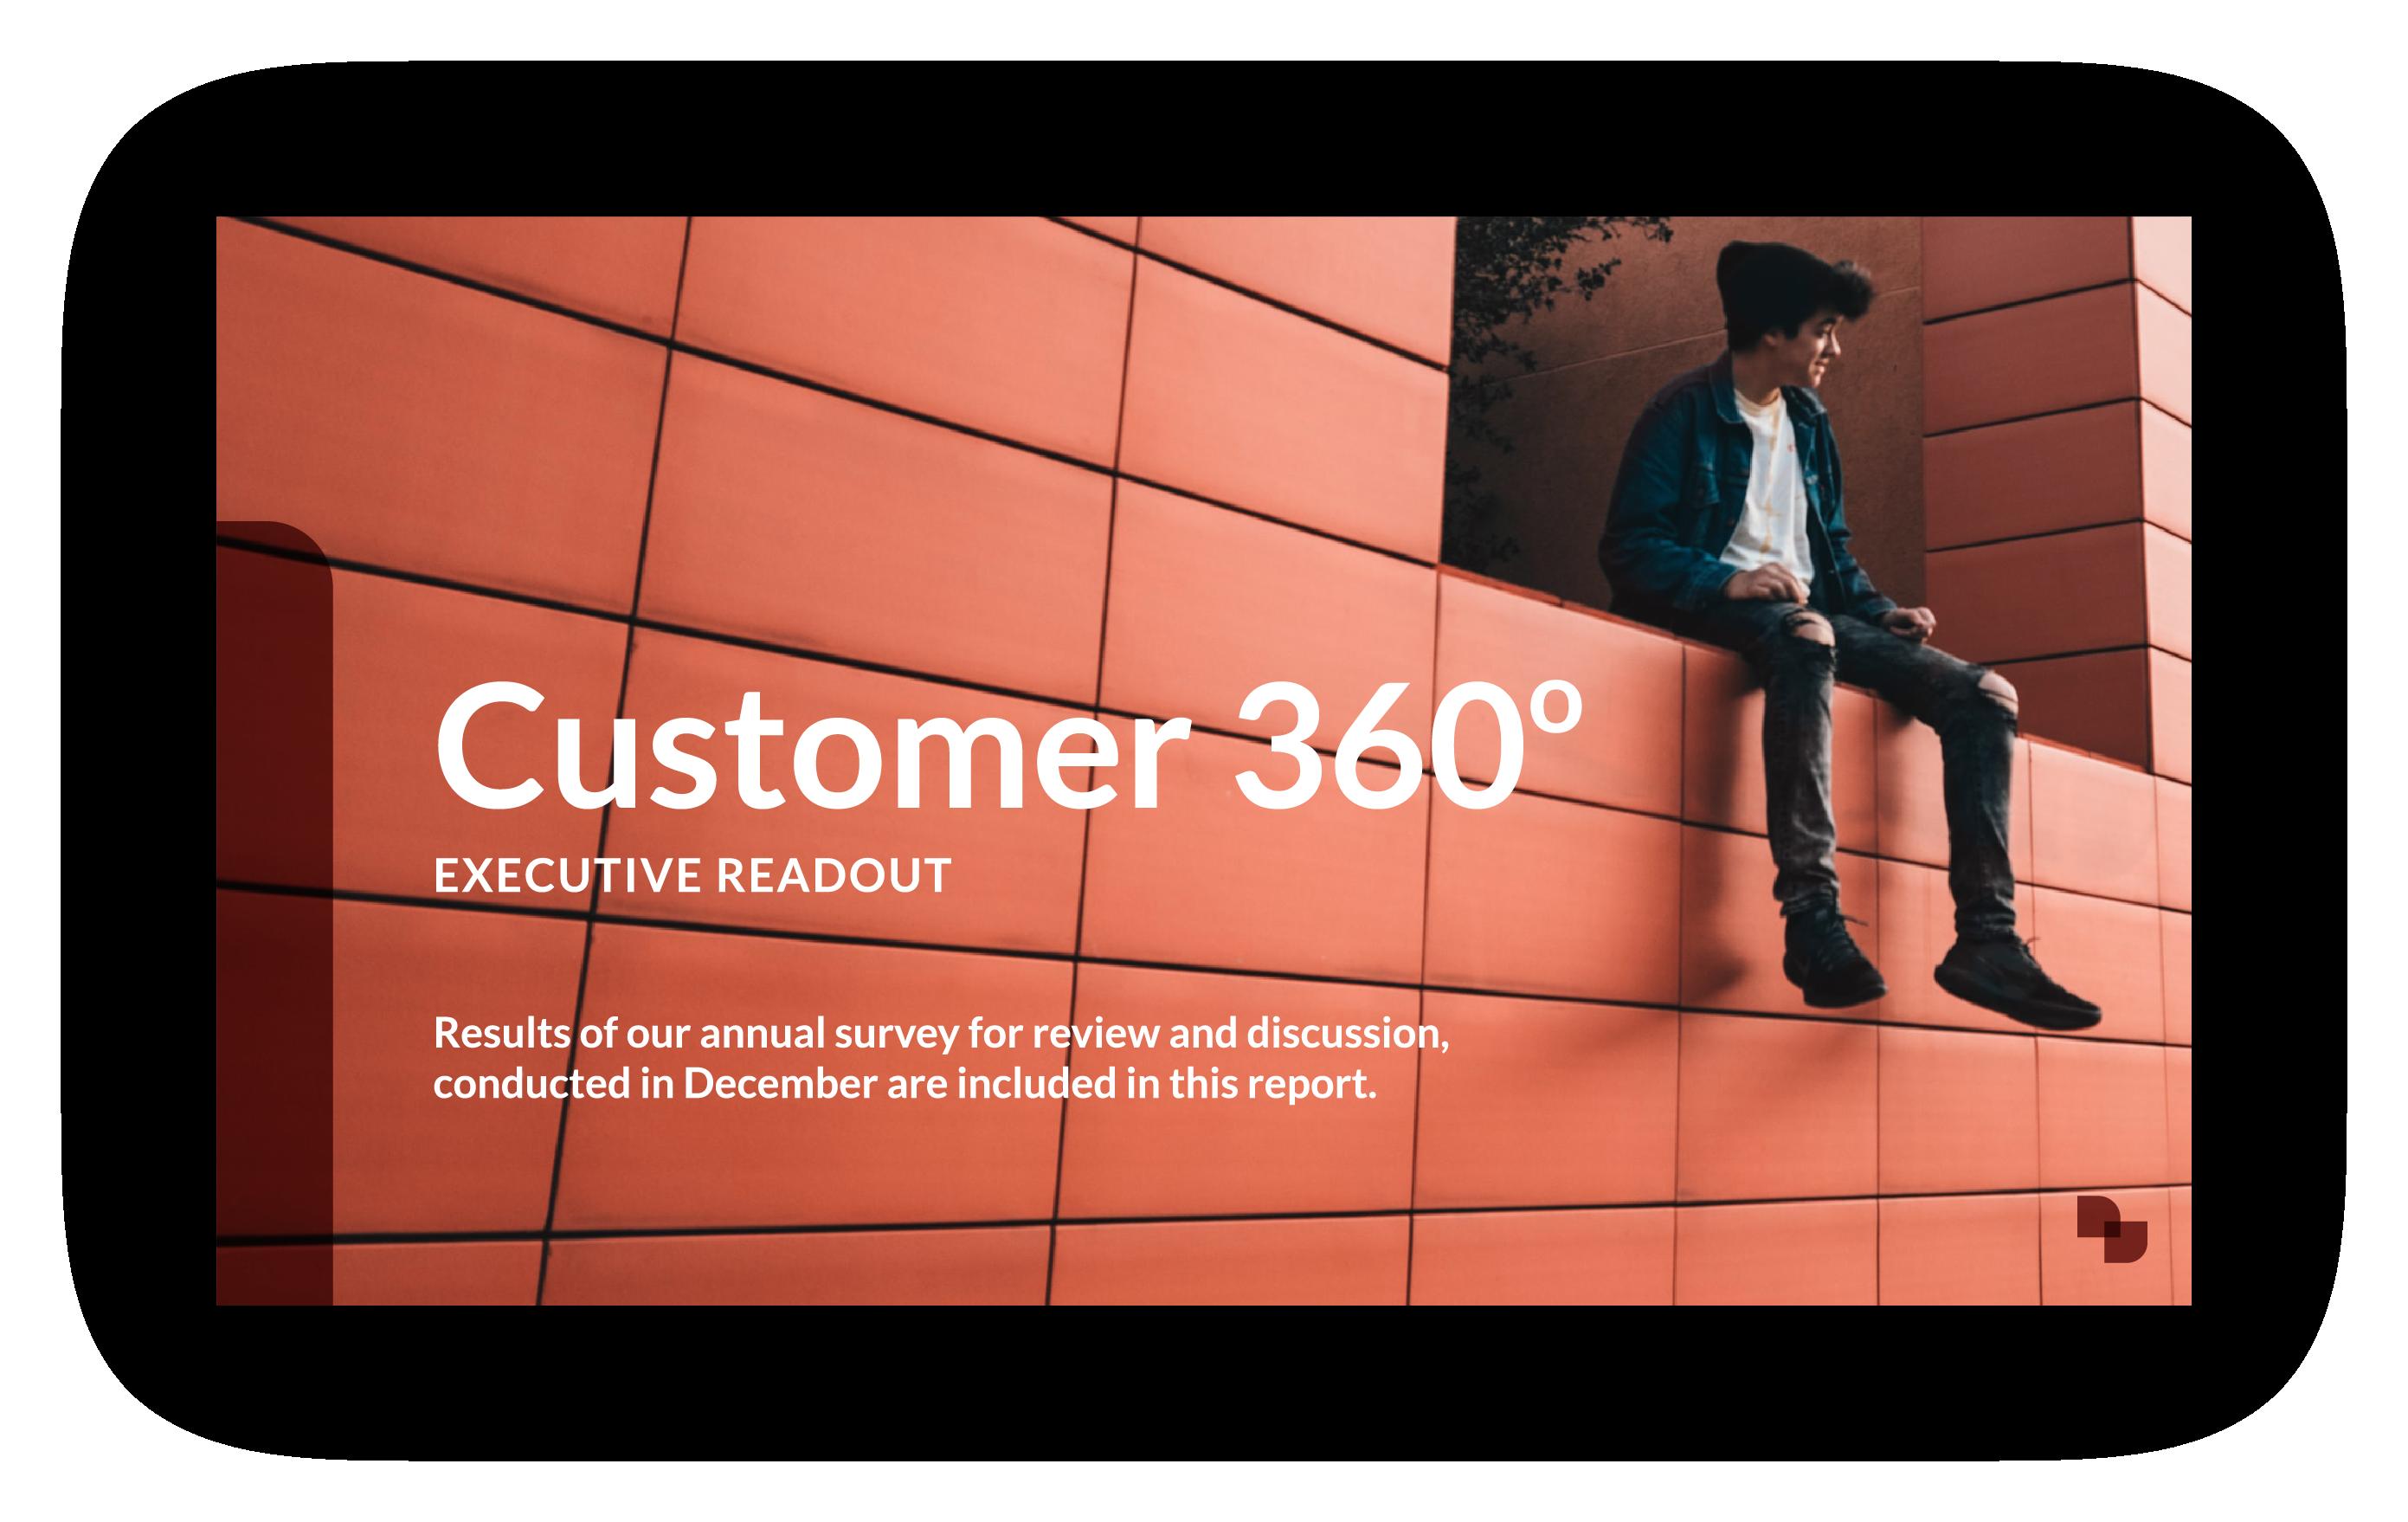 Customer 360 Executive Readout slide example